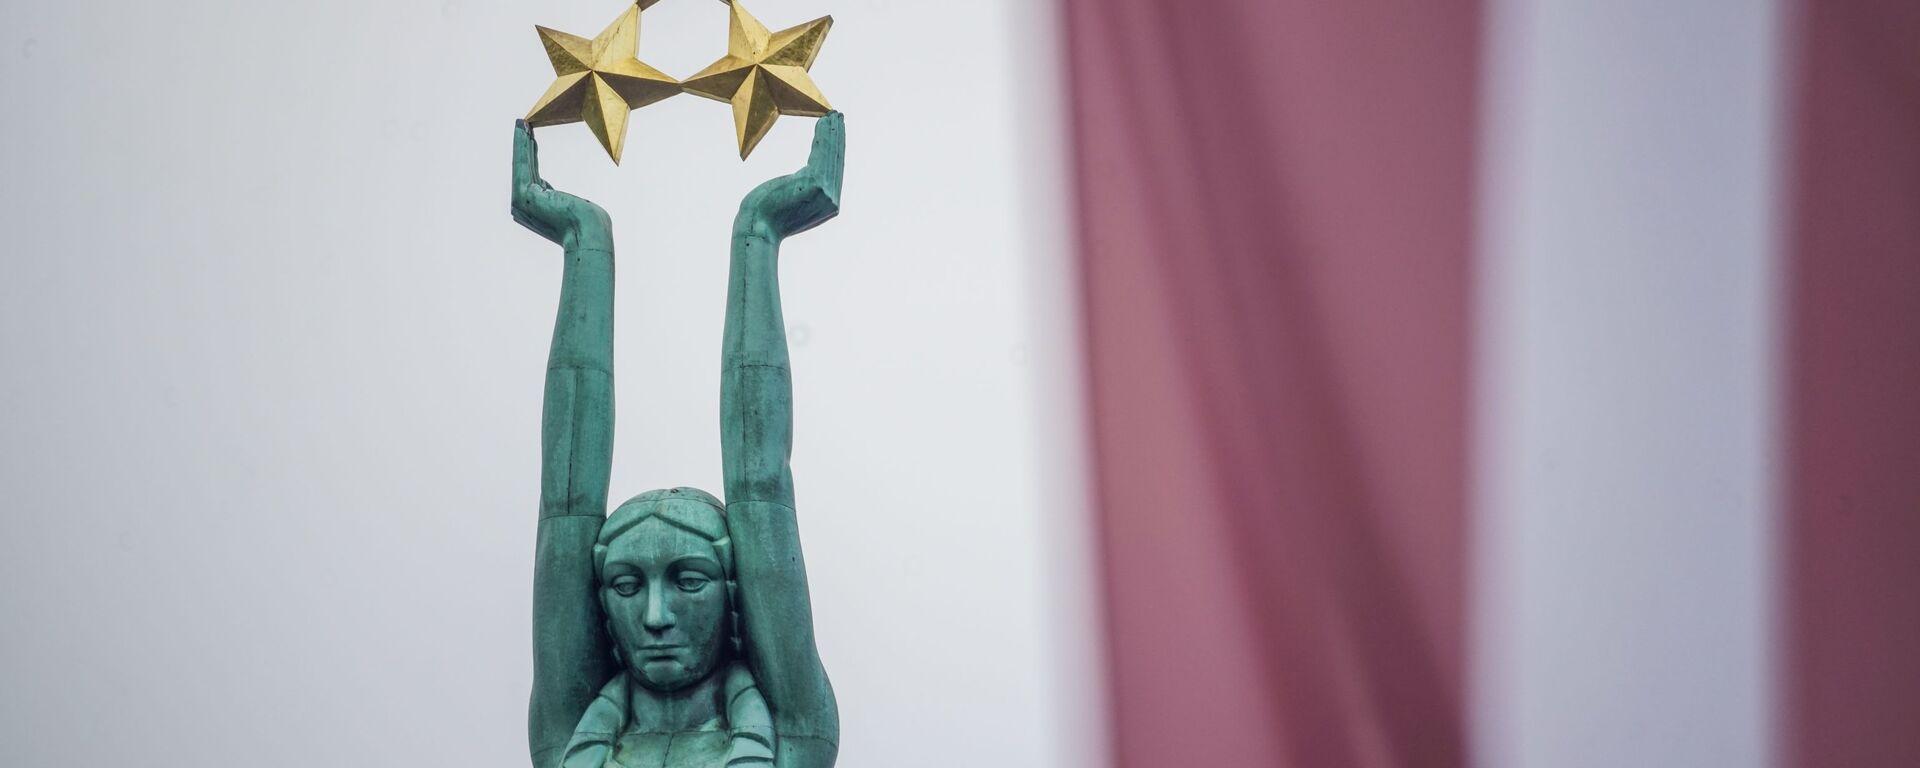 Празднование годовщины восстановления независимости Латвийской Республики в Риге  - Sputnik Латвия, 1920, 06.07.2021